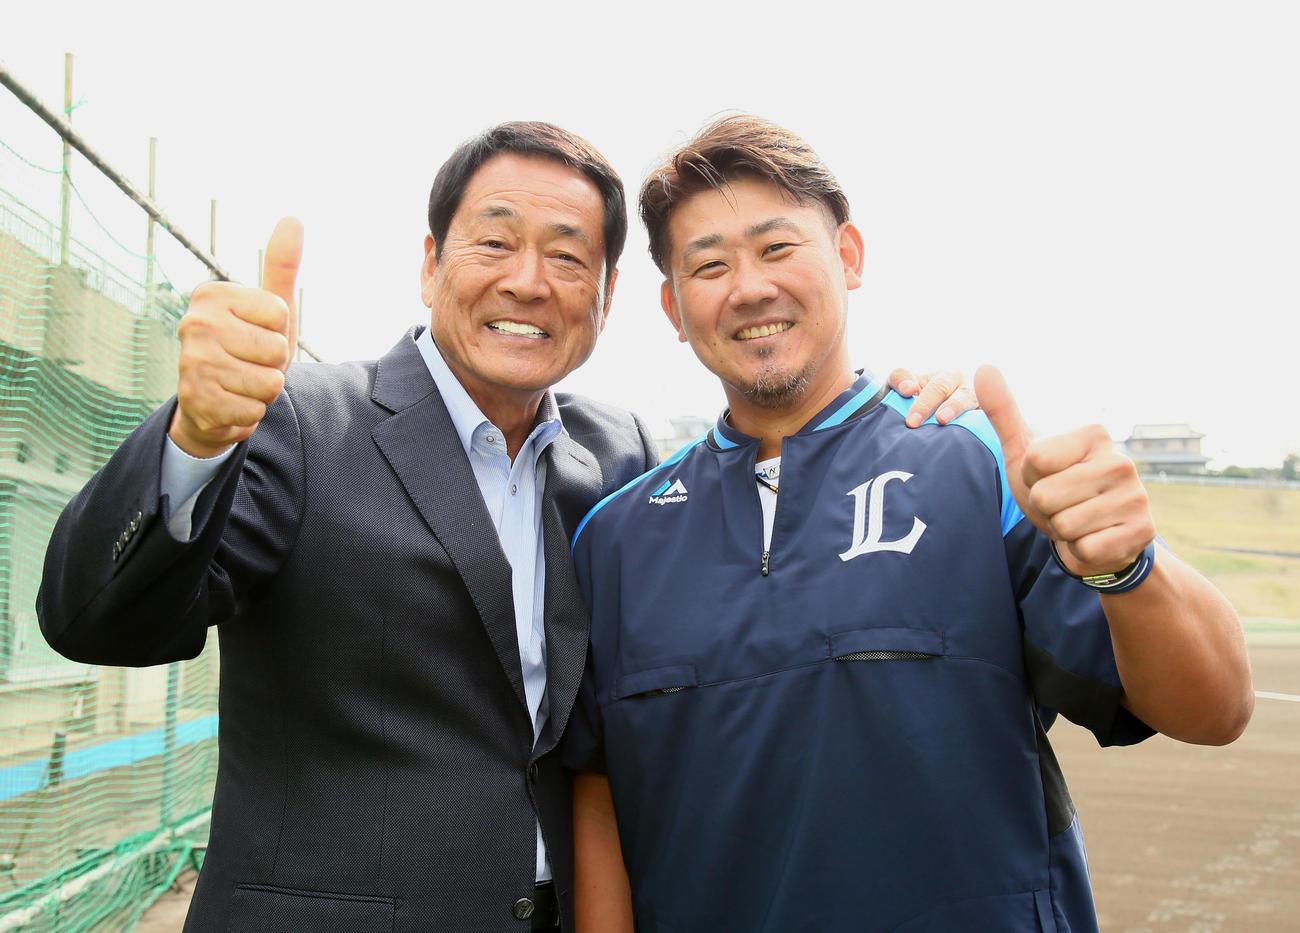 テレビ取材で西武キャンプに訪れた中畑氏(左)は松坂と笑顔でポーズを決める(撮影・足立雅史)